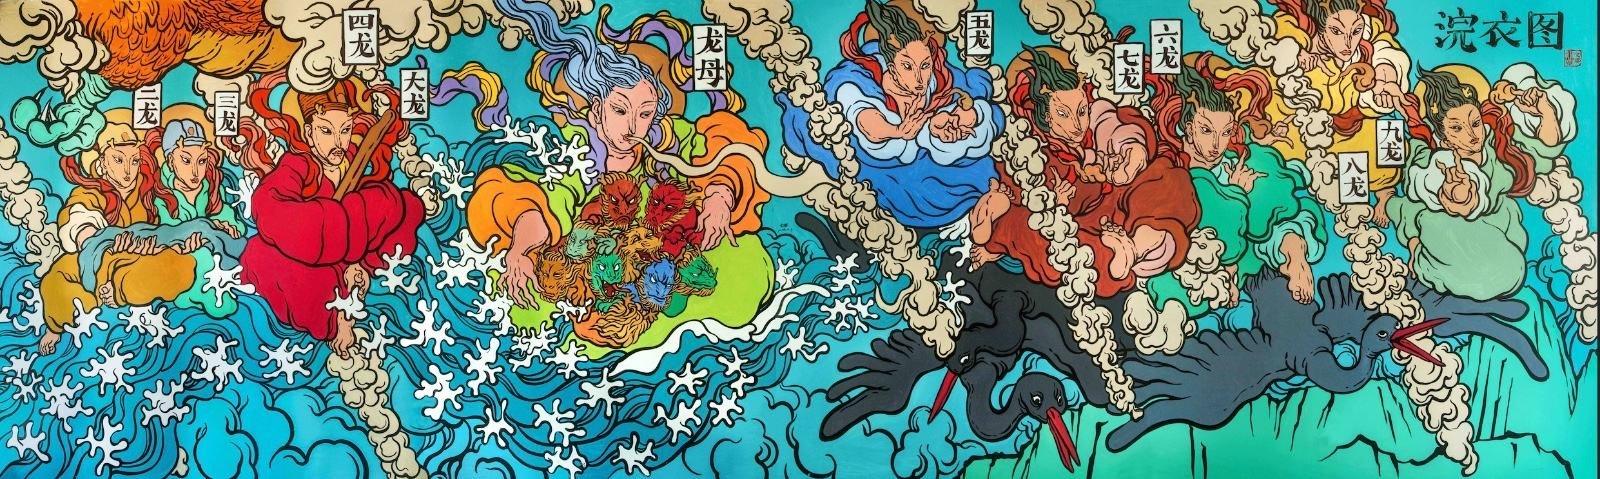 文那,用中国线条绘制世界故事,用中国神仙征服爱马仕